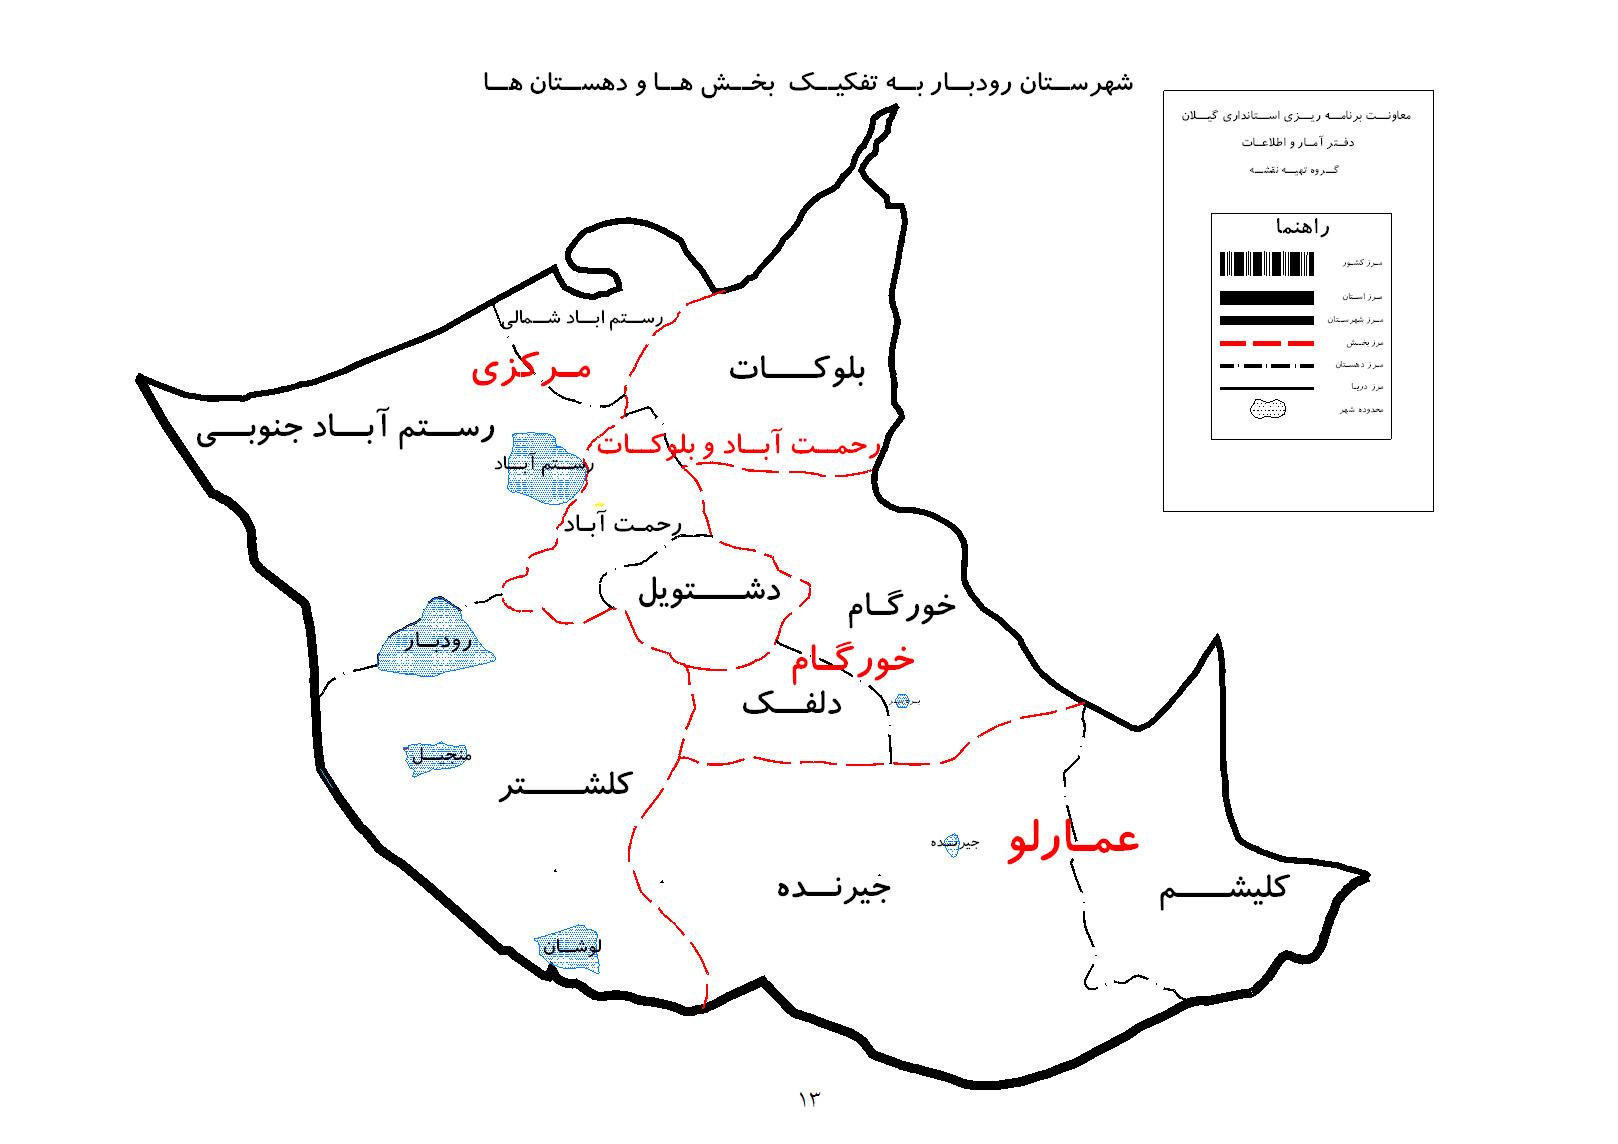 شهرستان رودبار